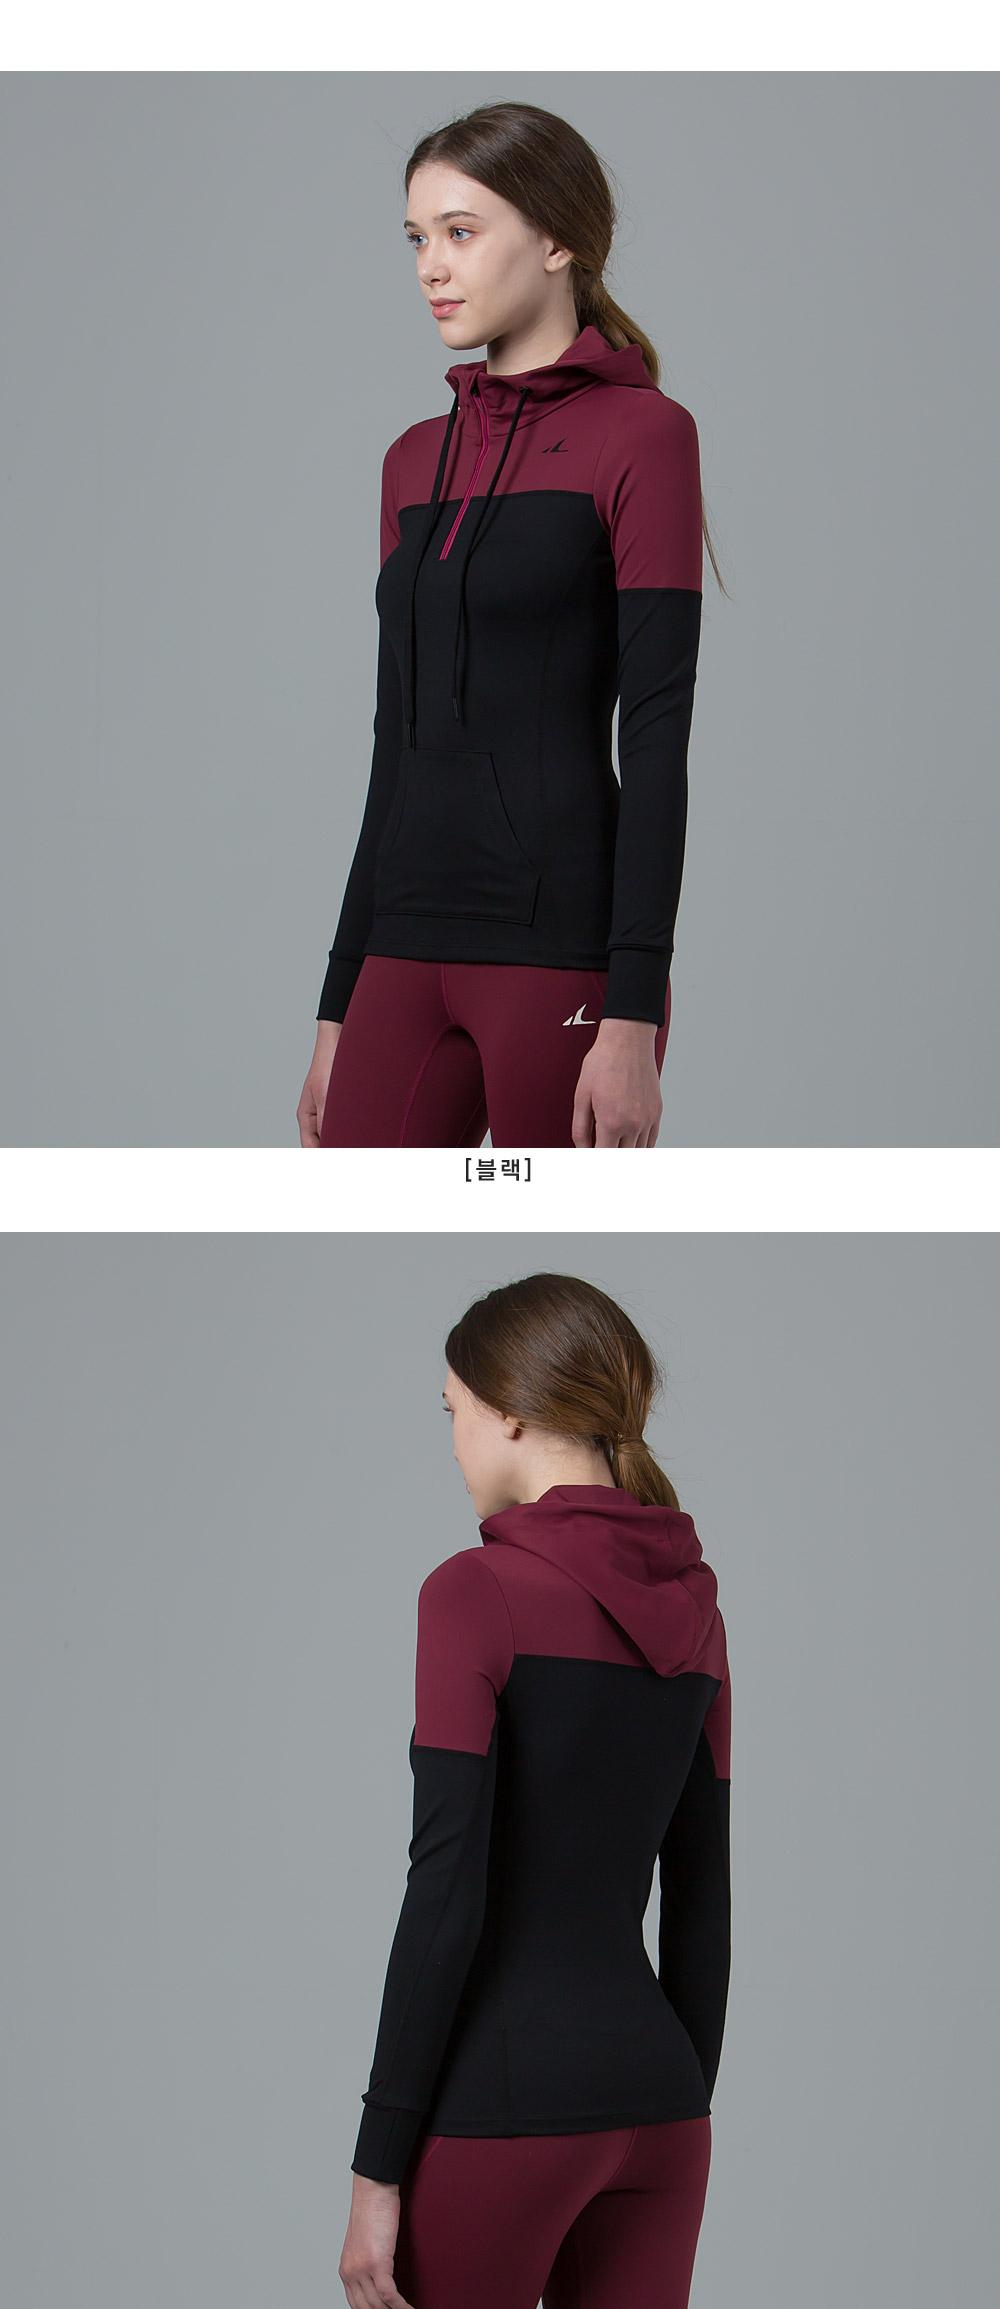 애슬리트(ATHLETE) 운동 데일리 모두 만족하는 ART02 마리하프 후드집업 티셔츠